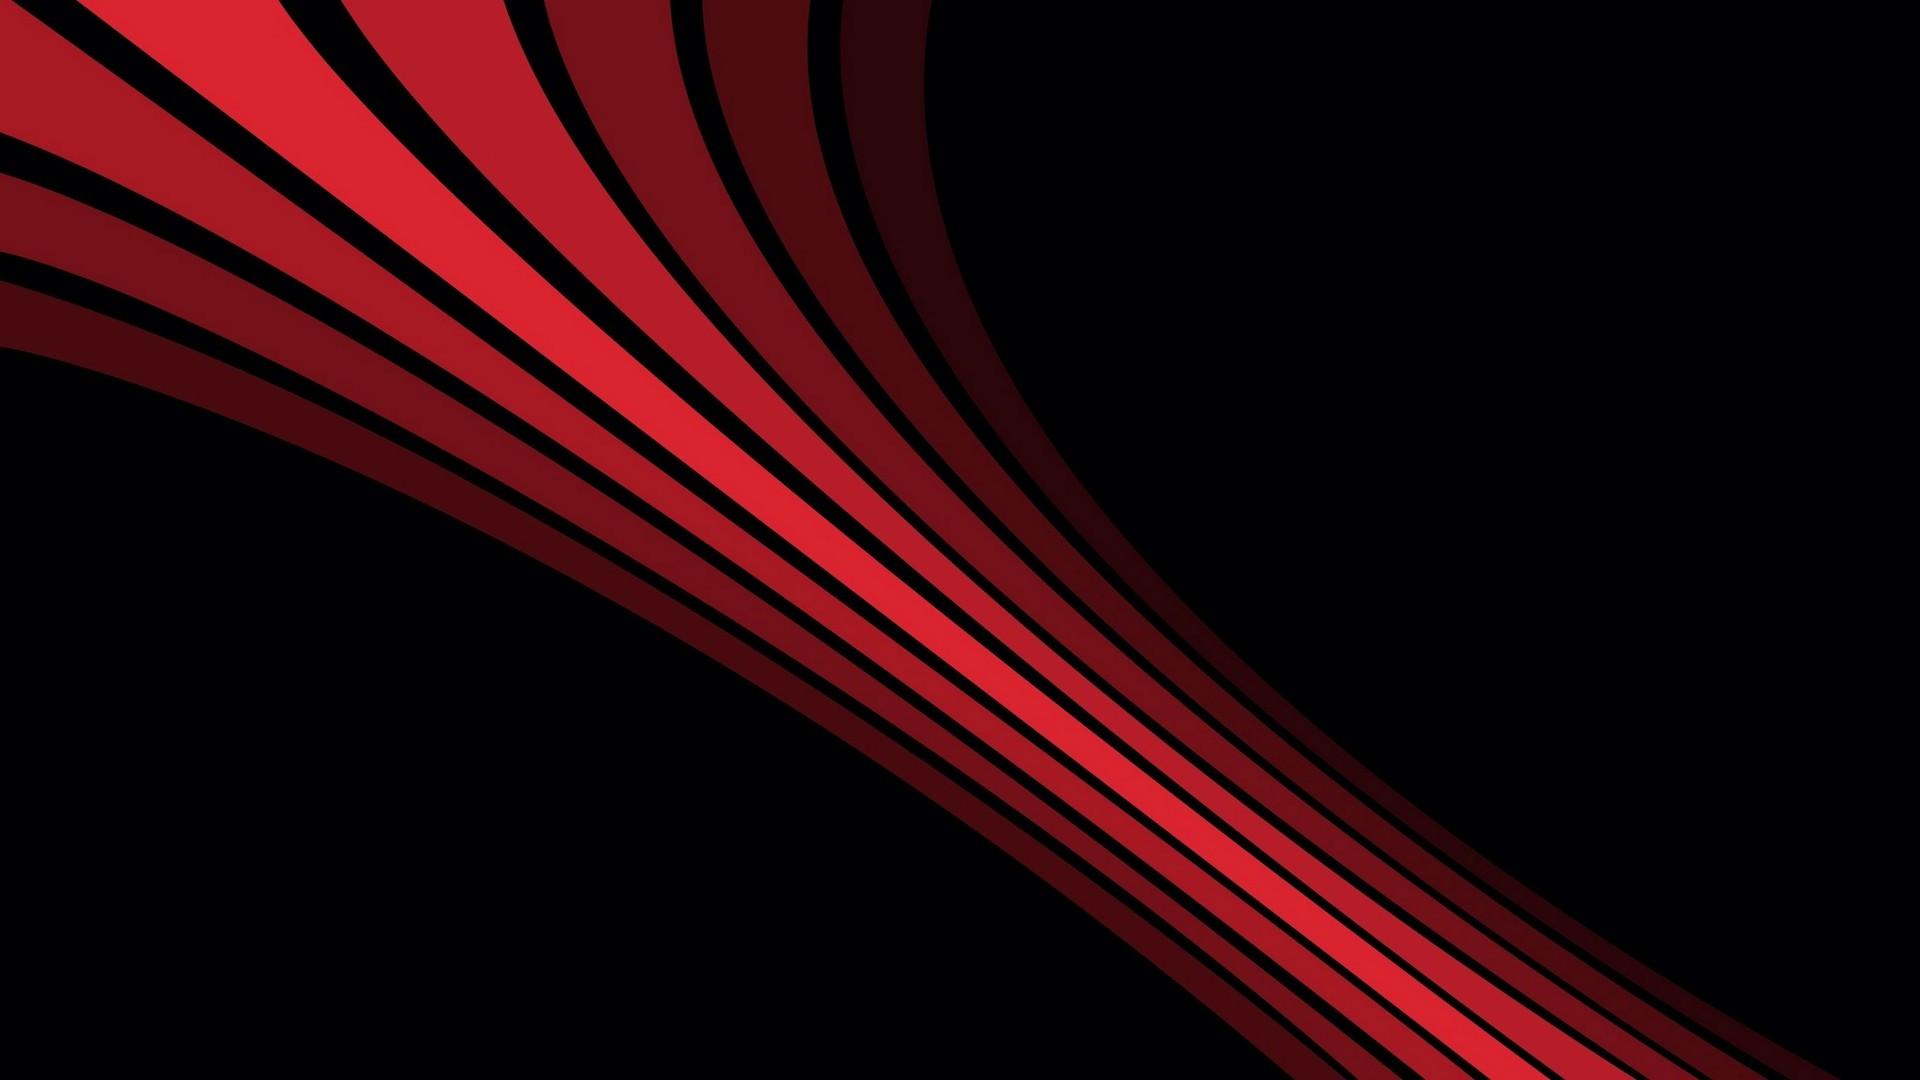 Minimalistic Stripes wallpaper picture hd